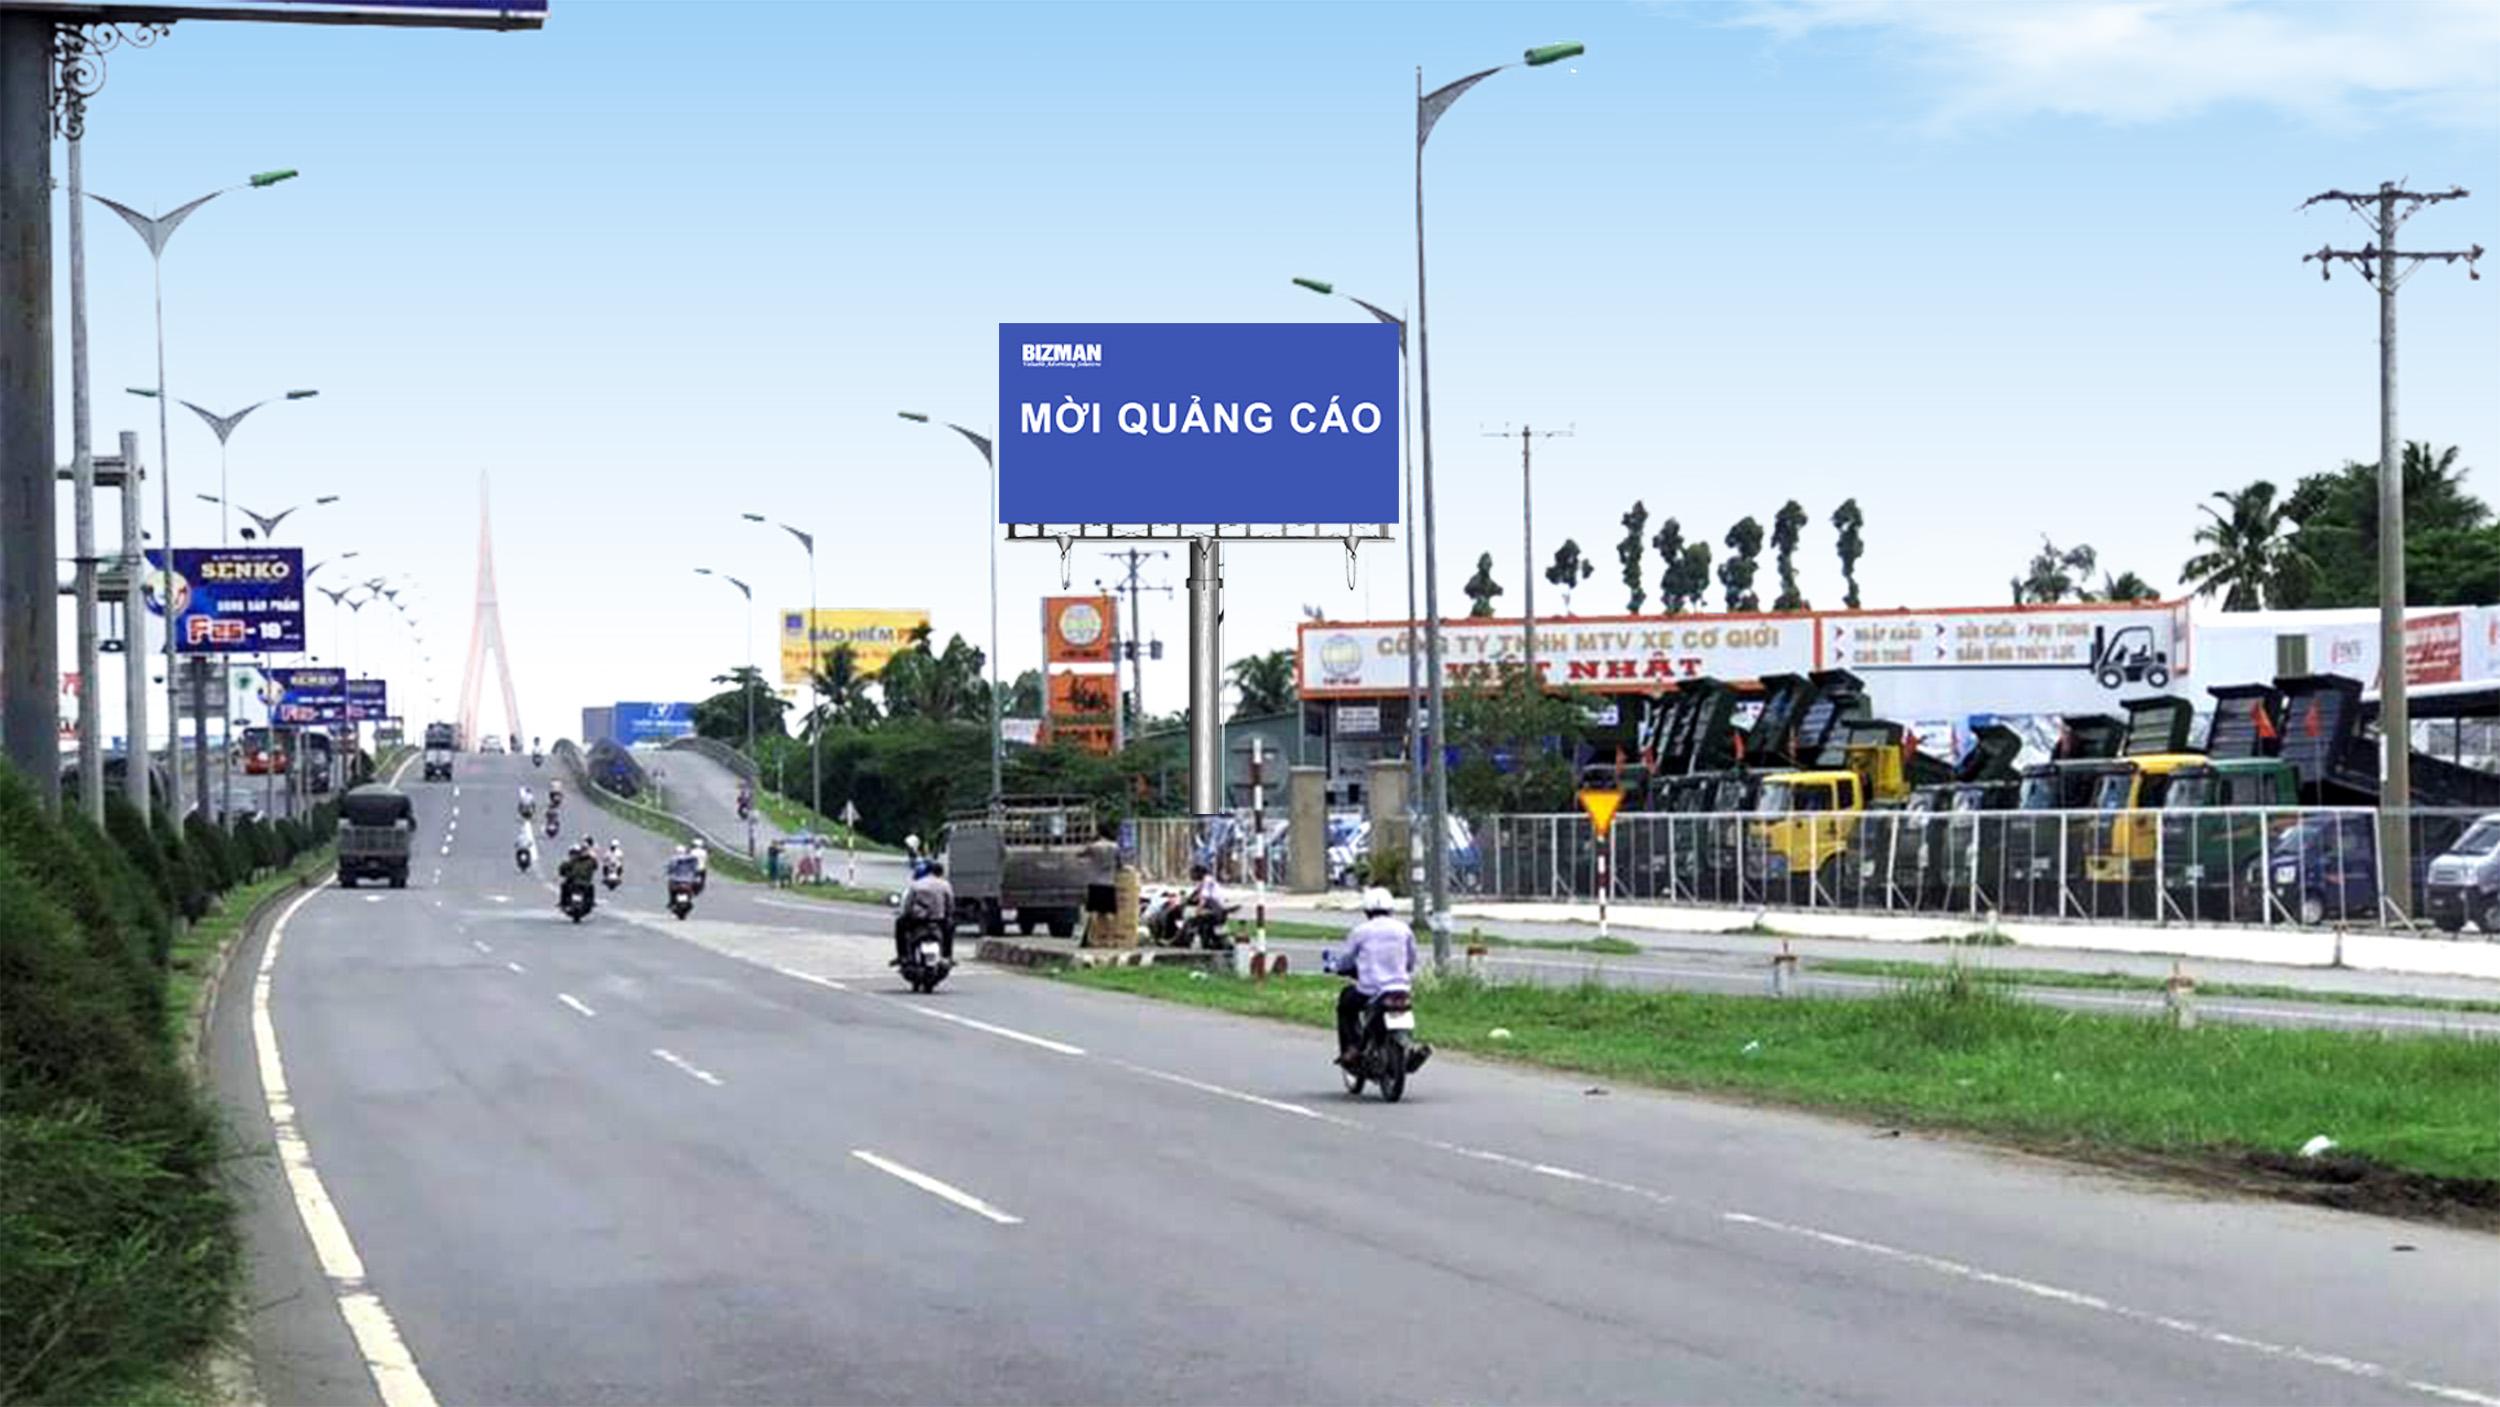 Vị trí số 18 (Bên phải - gần cầu Vĩnh Long): Nằm trên tuyến QL1A, đoạn Vĩnh Long - Cần Thơ, tỉnh Cần Thơ